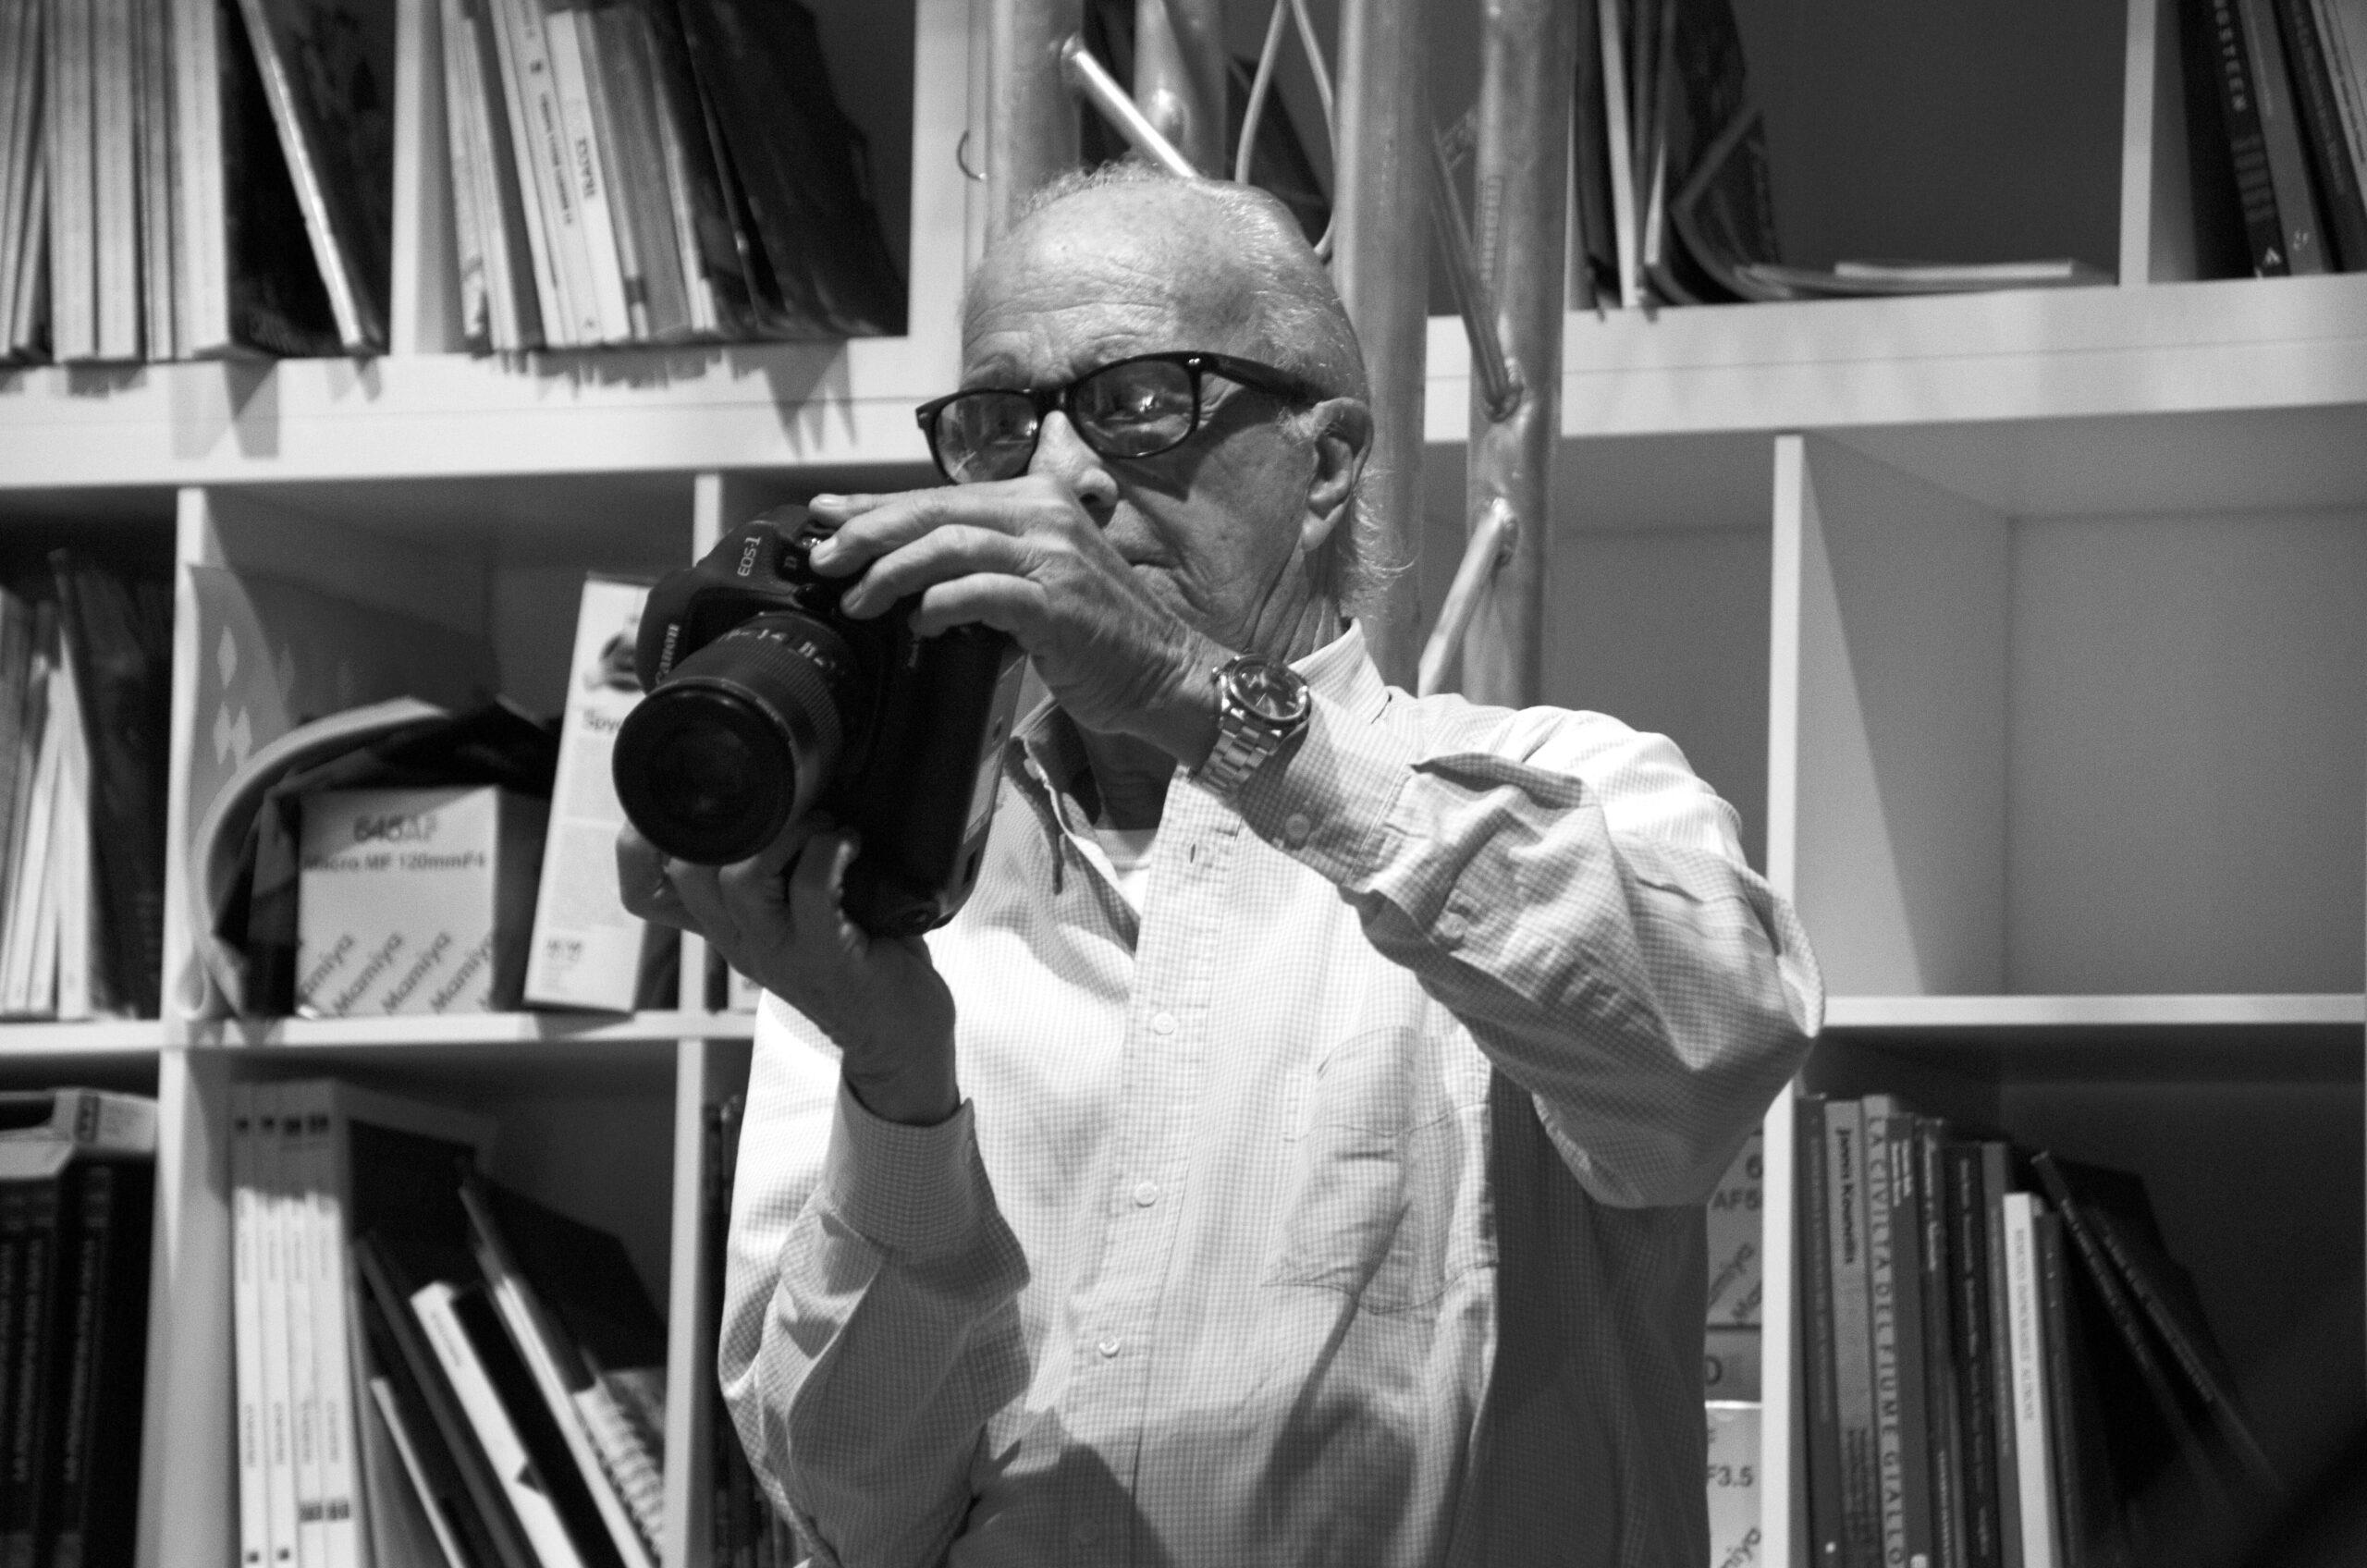 E' morto il grande fotografo Bob Krieger. Re assoluto dei ritratti